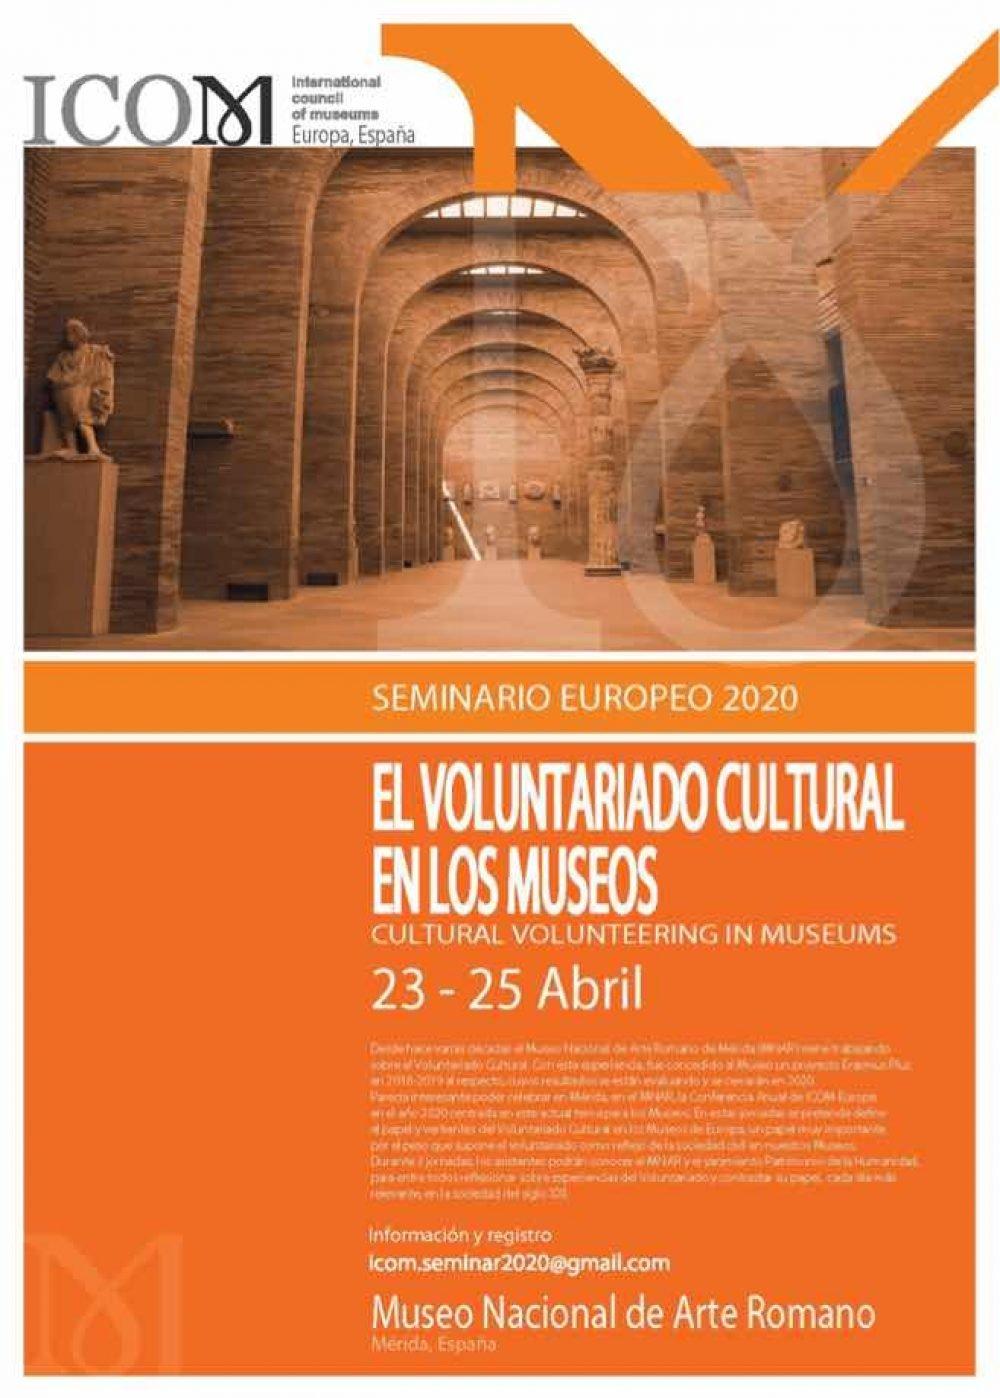 Seminario Europeo del ICOM 2020 «El voluntariado cultural en los museos»